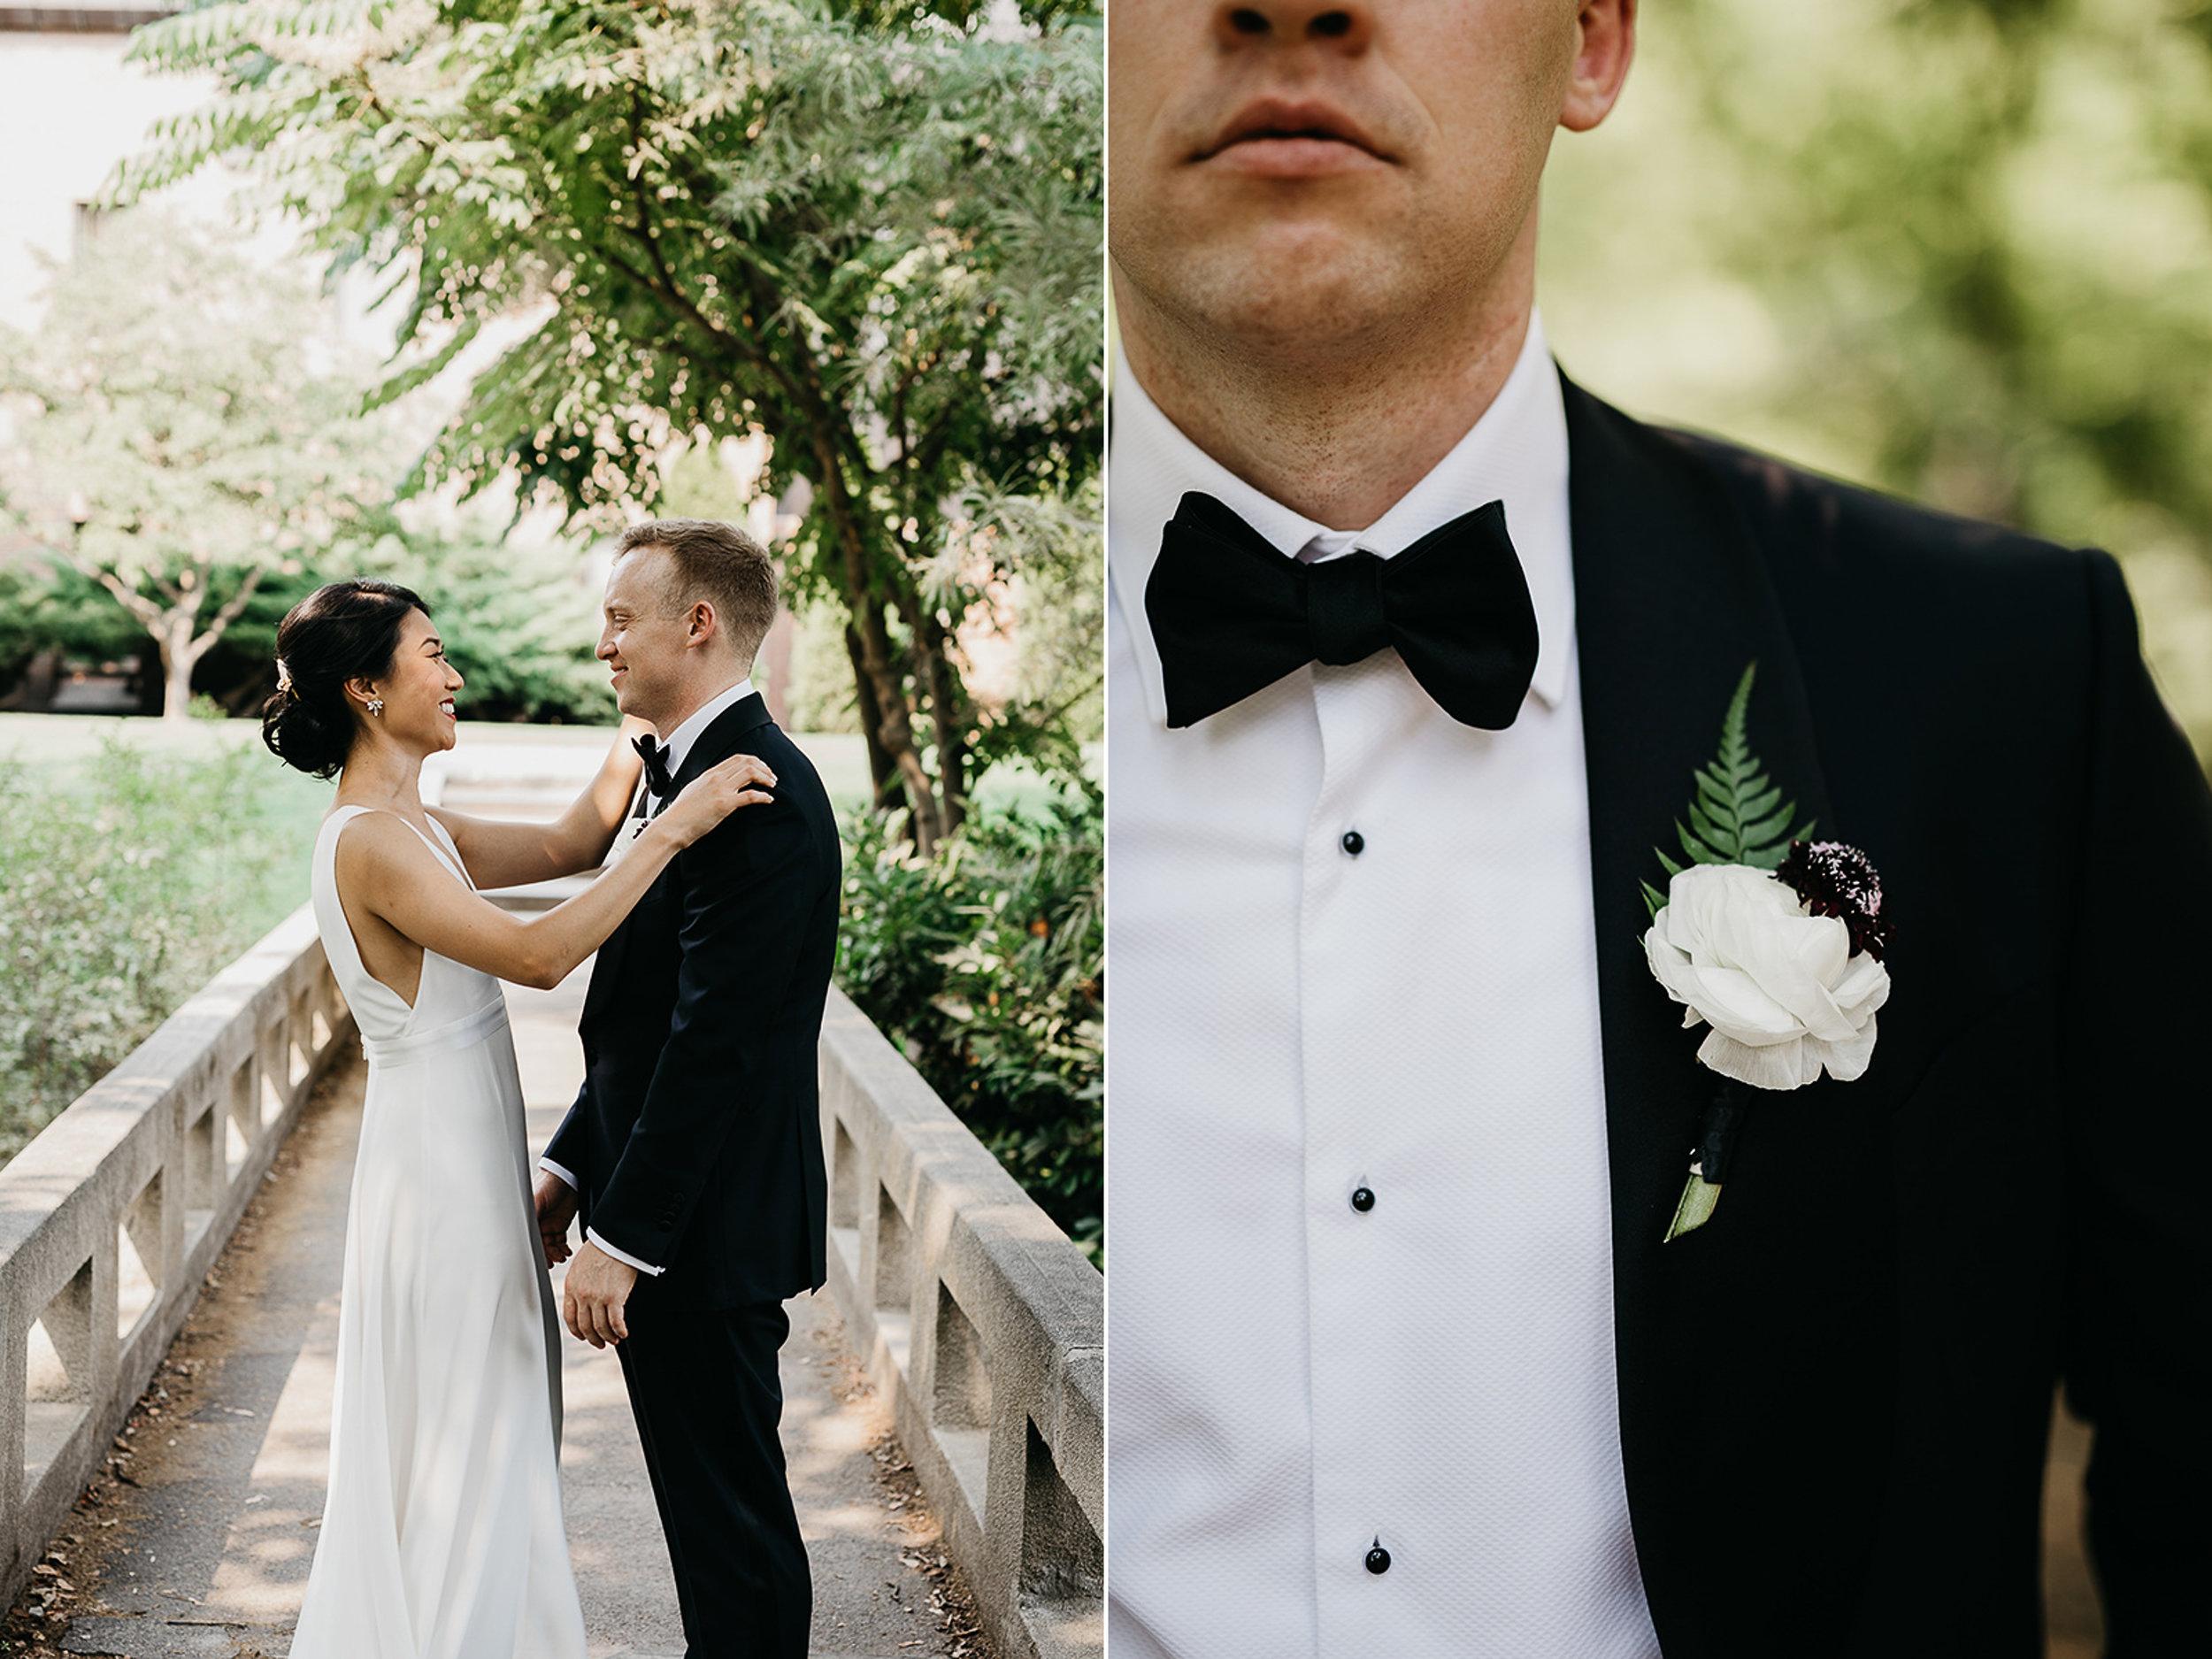 Walla walla - washington - wedding - photographer016.jpg